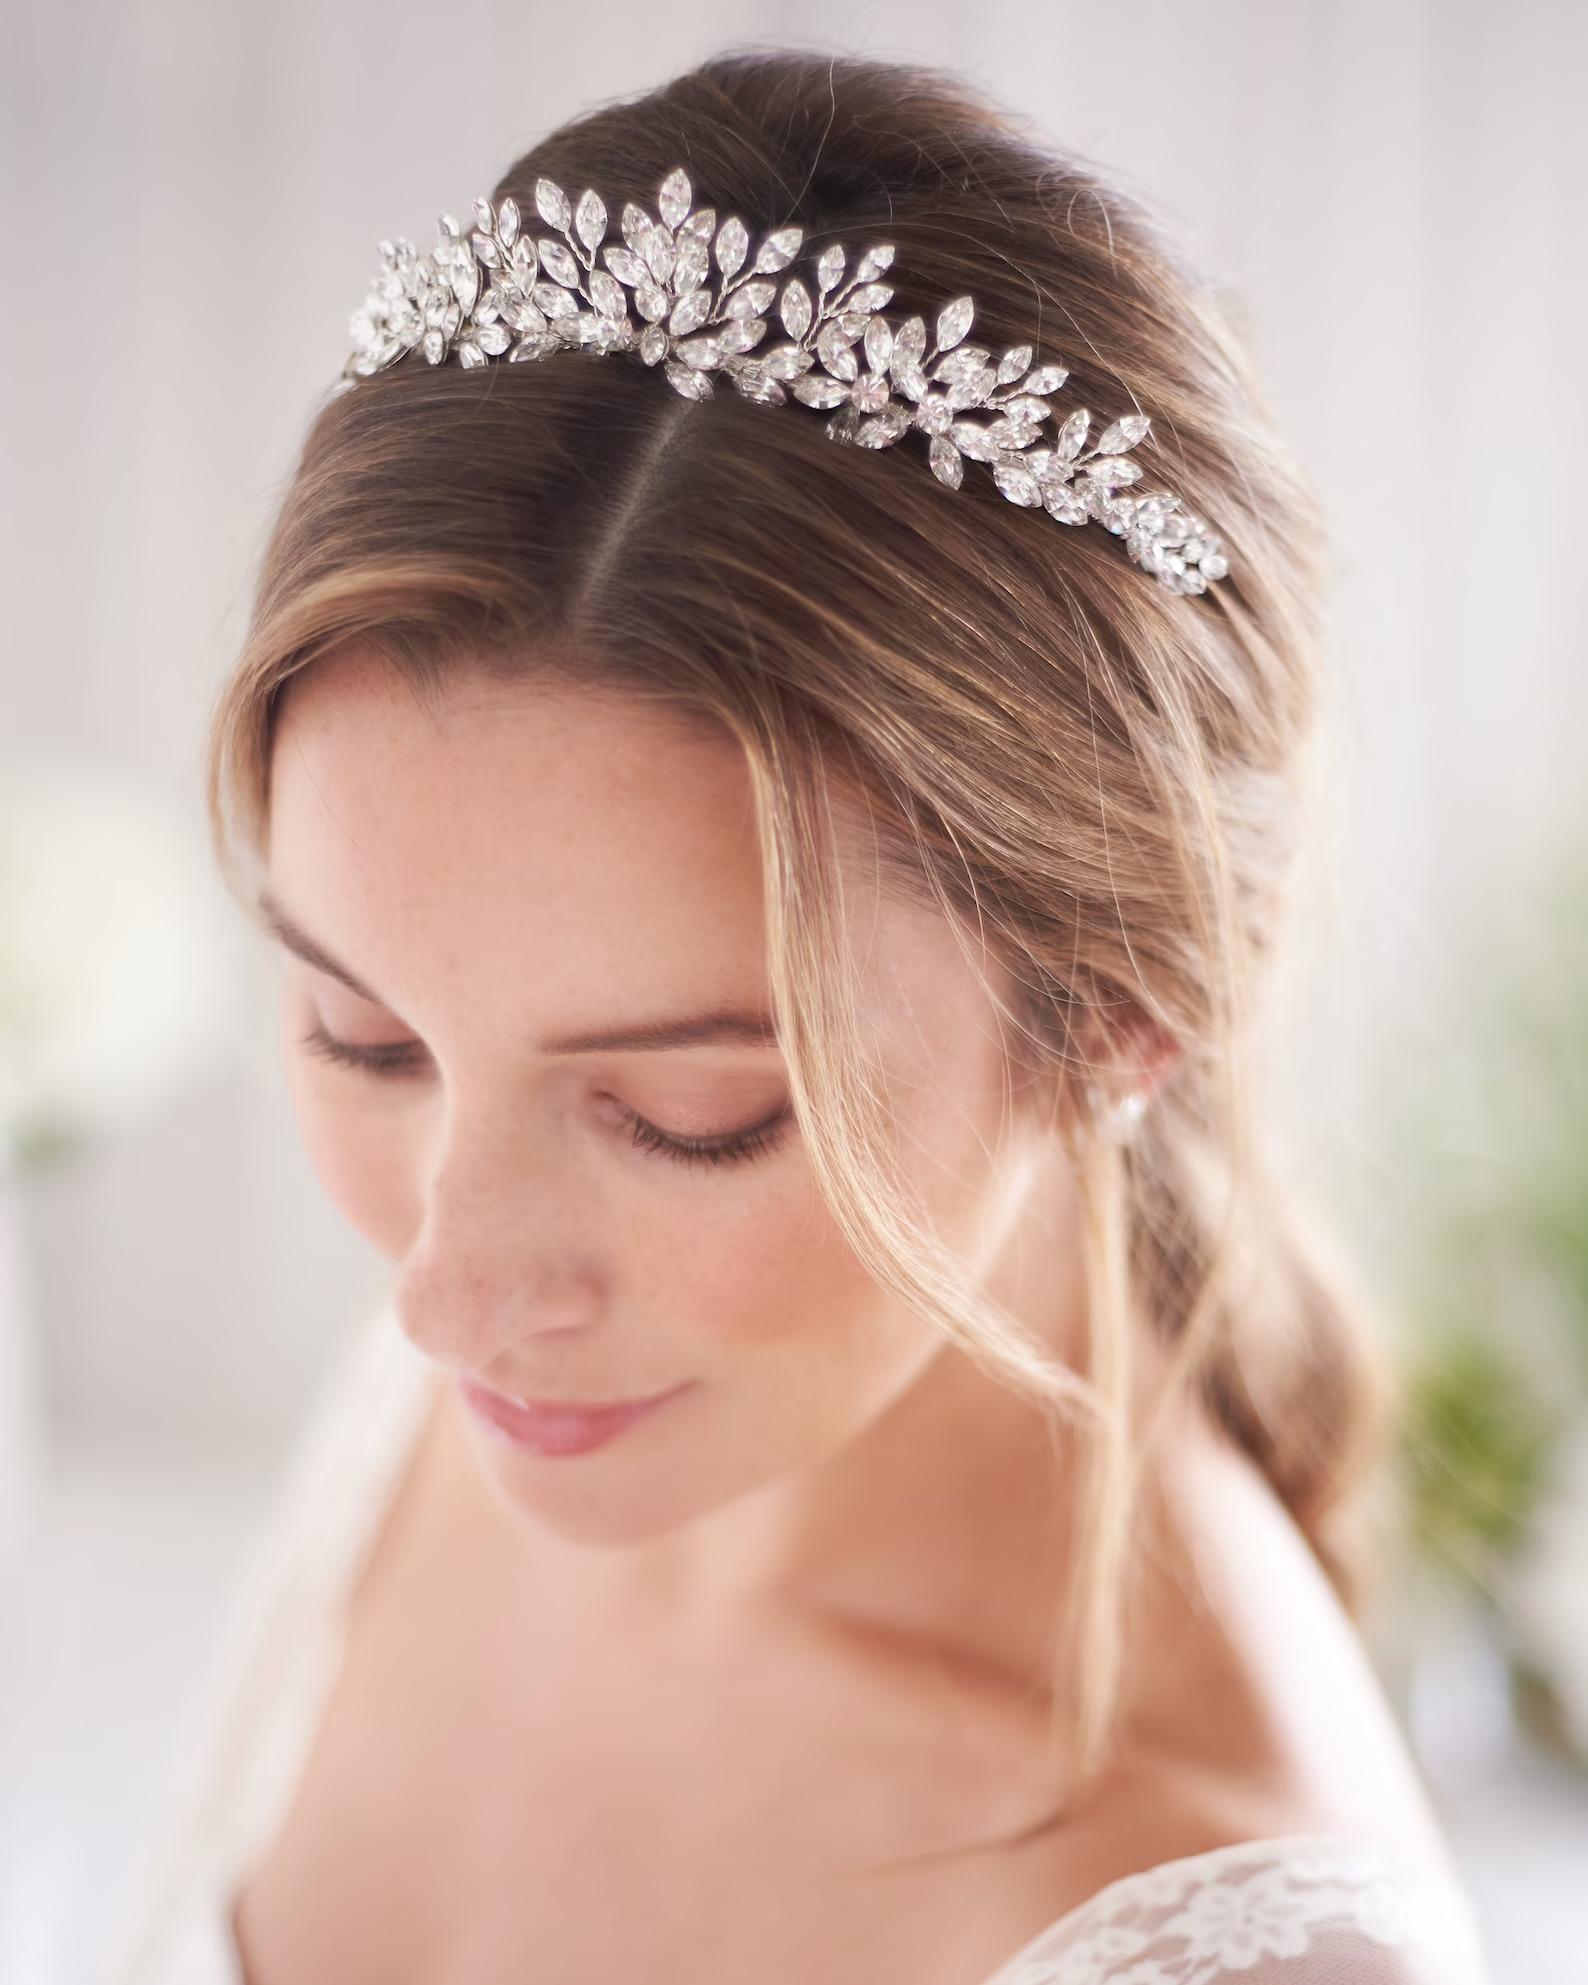 Bride in Crystal Wedding Tiara